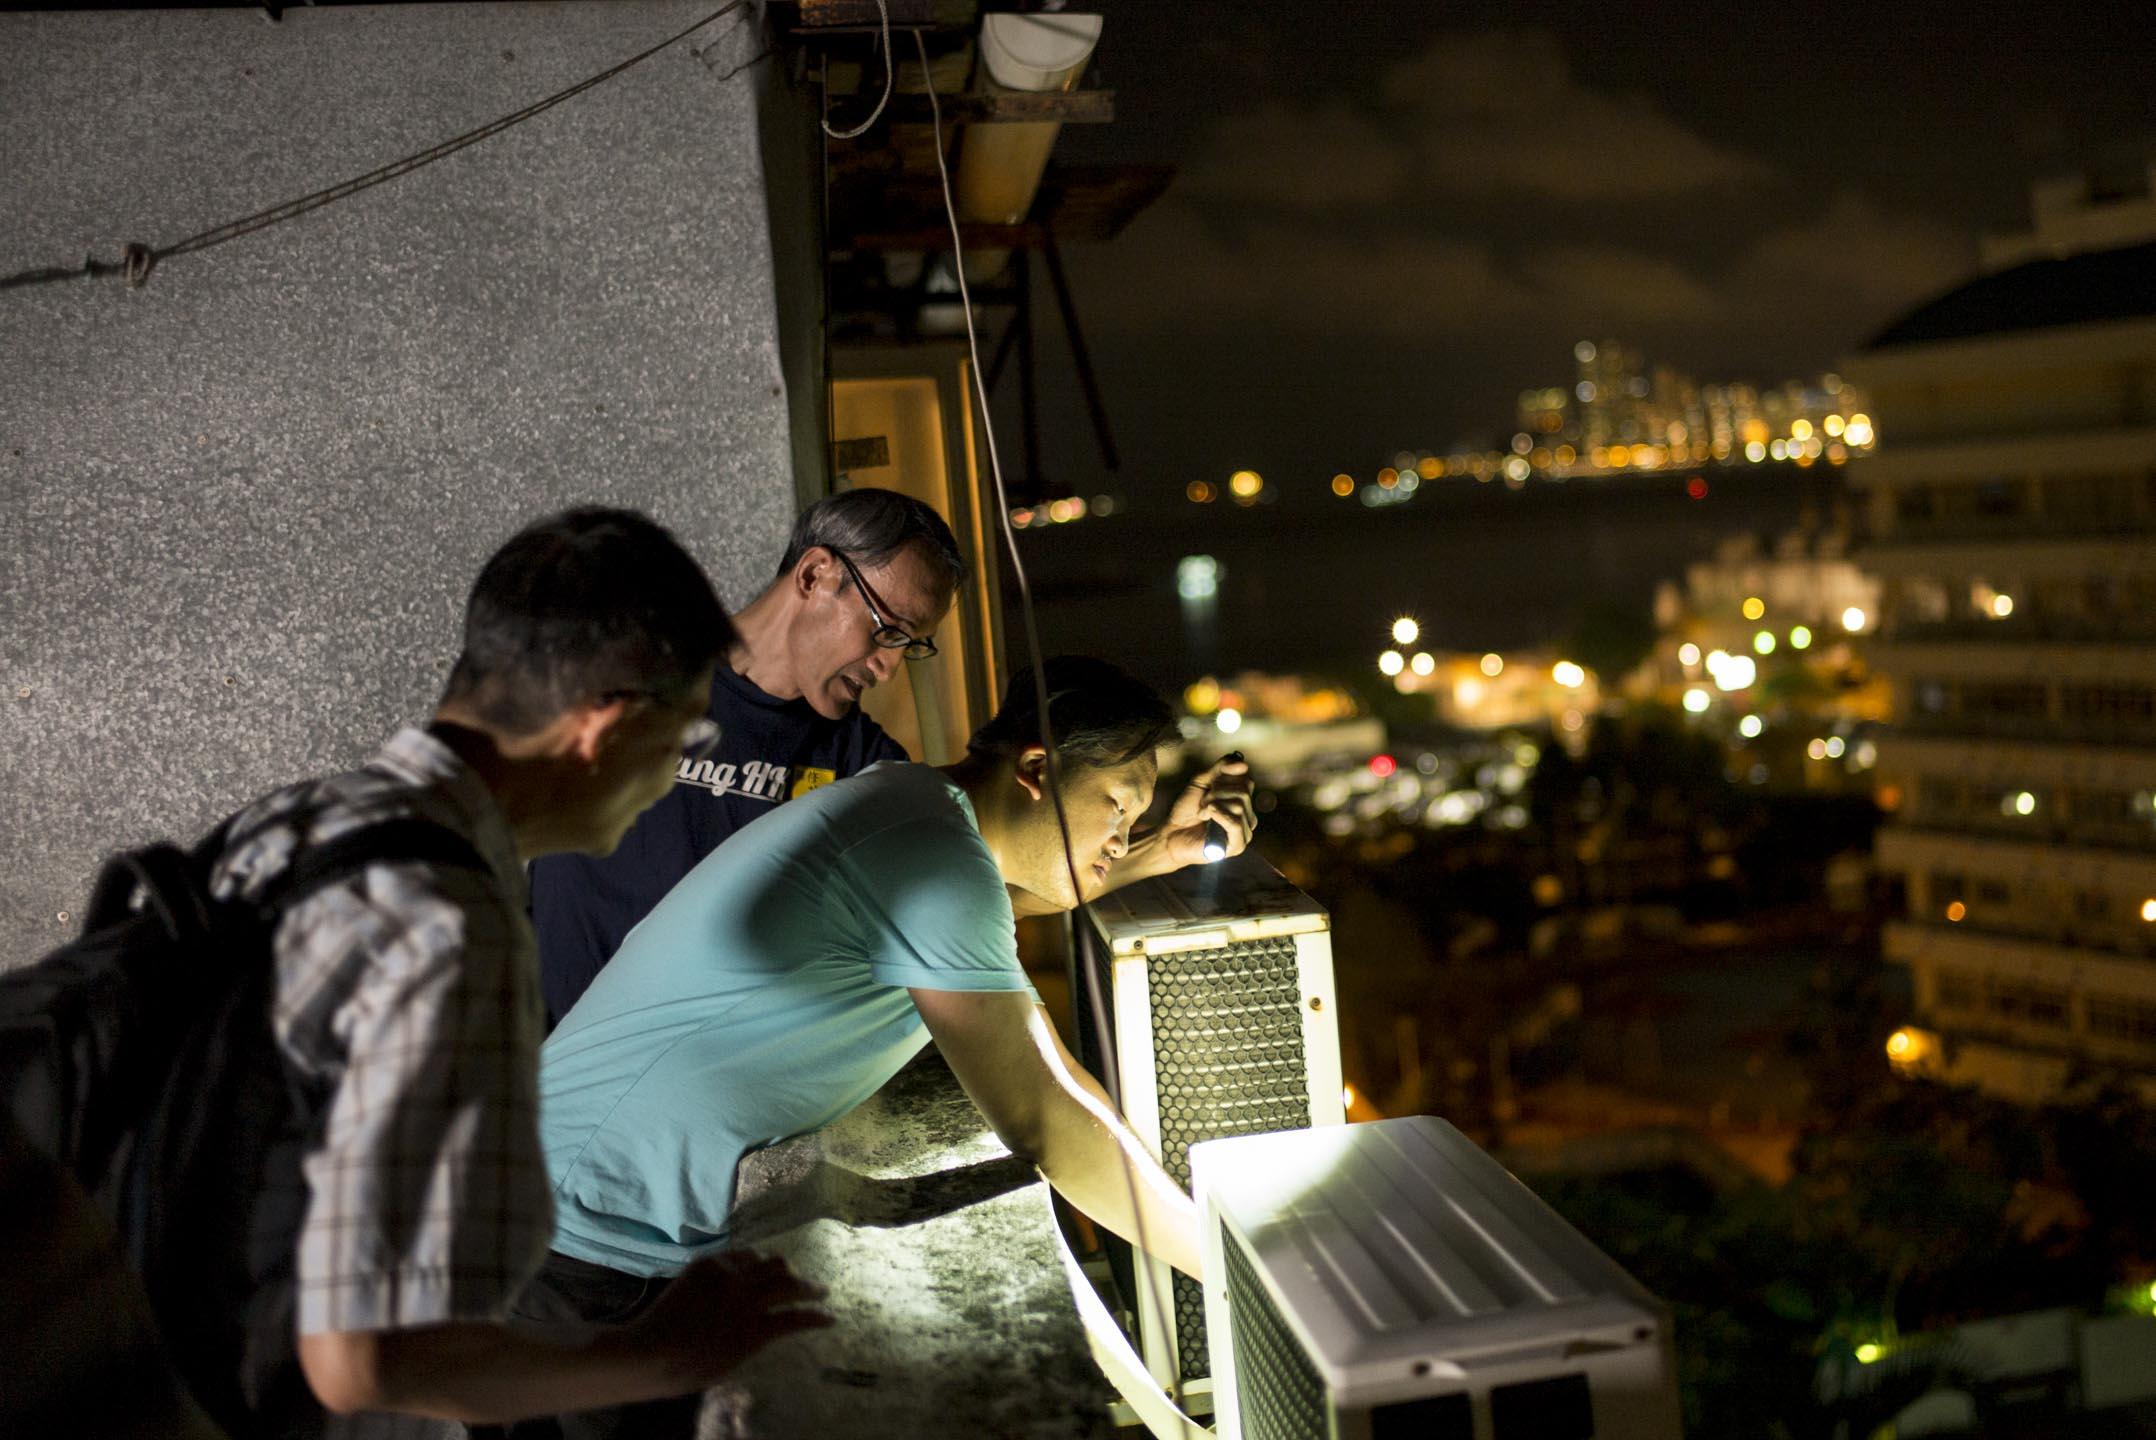 「維修香港」是一支特殊的社區維修隊,每周四,維修隊伍會分隊上樓為街坊義務維修家室,恆常參與者有十、二十多人,往來重訪的不計其數。這天琛師父和文浩到一幢天台屋修理冷氣。 攝:林振東/端傳媒